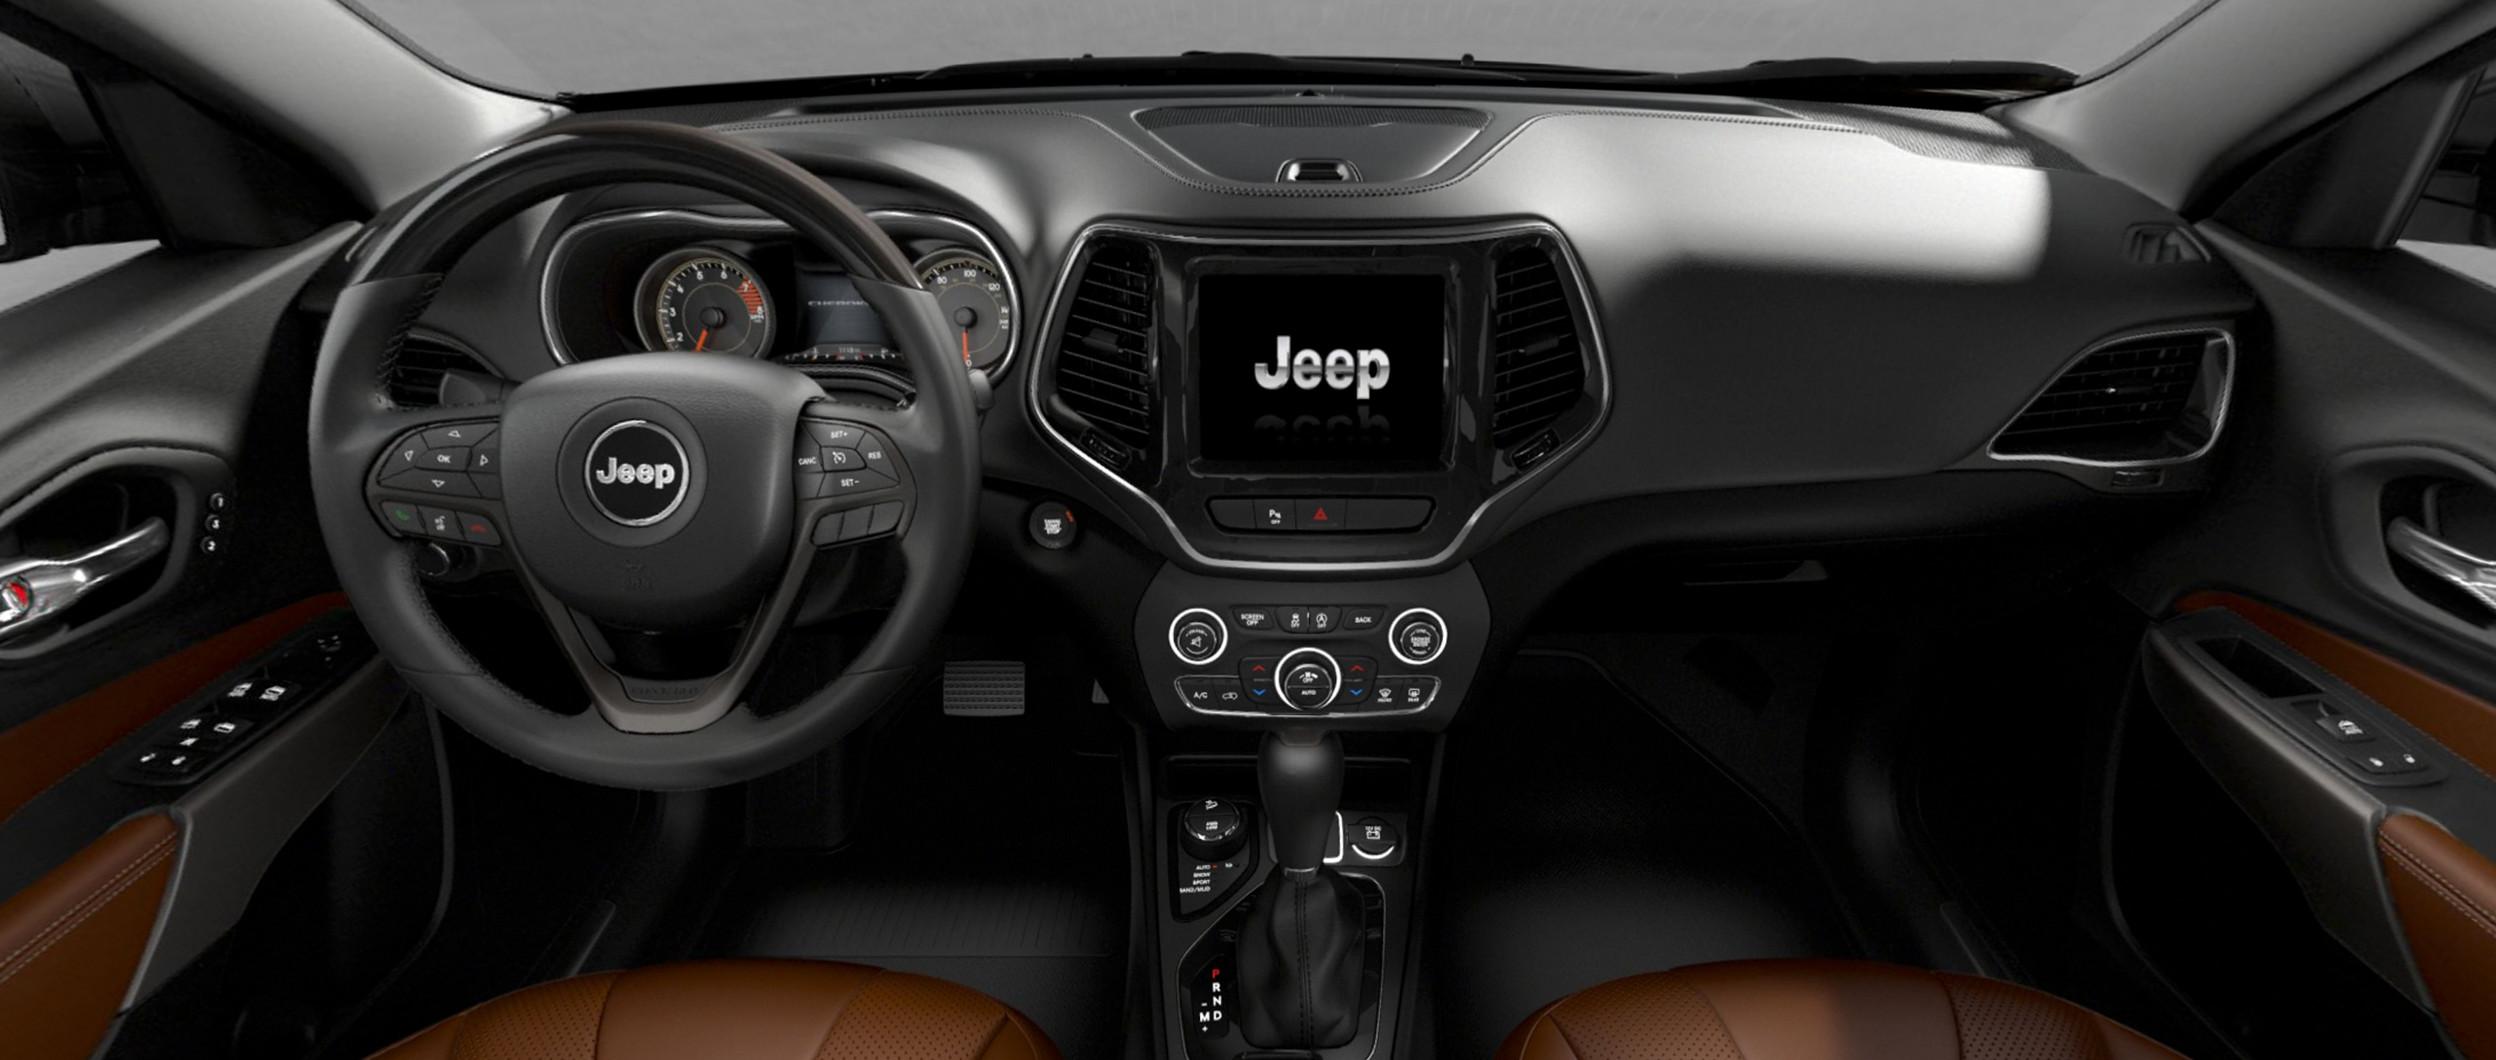 New 2019 Jeep Cherokee Mid Size Suv 2000 Mazda Mpv Fuel Filter Location Reimagined Interior